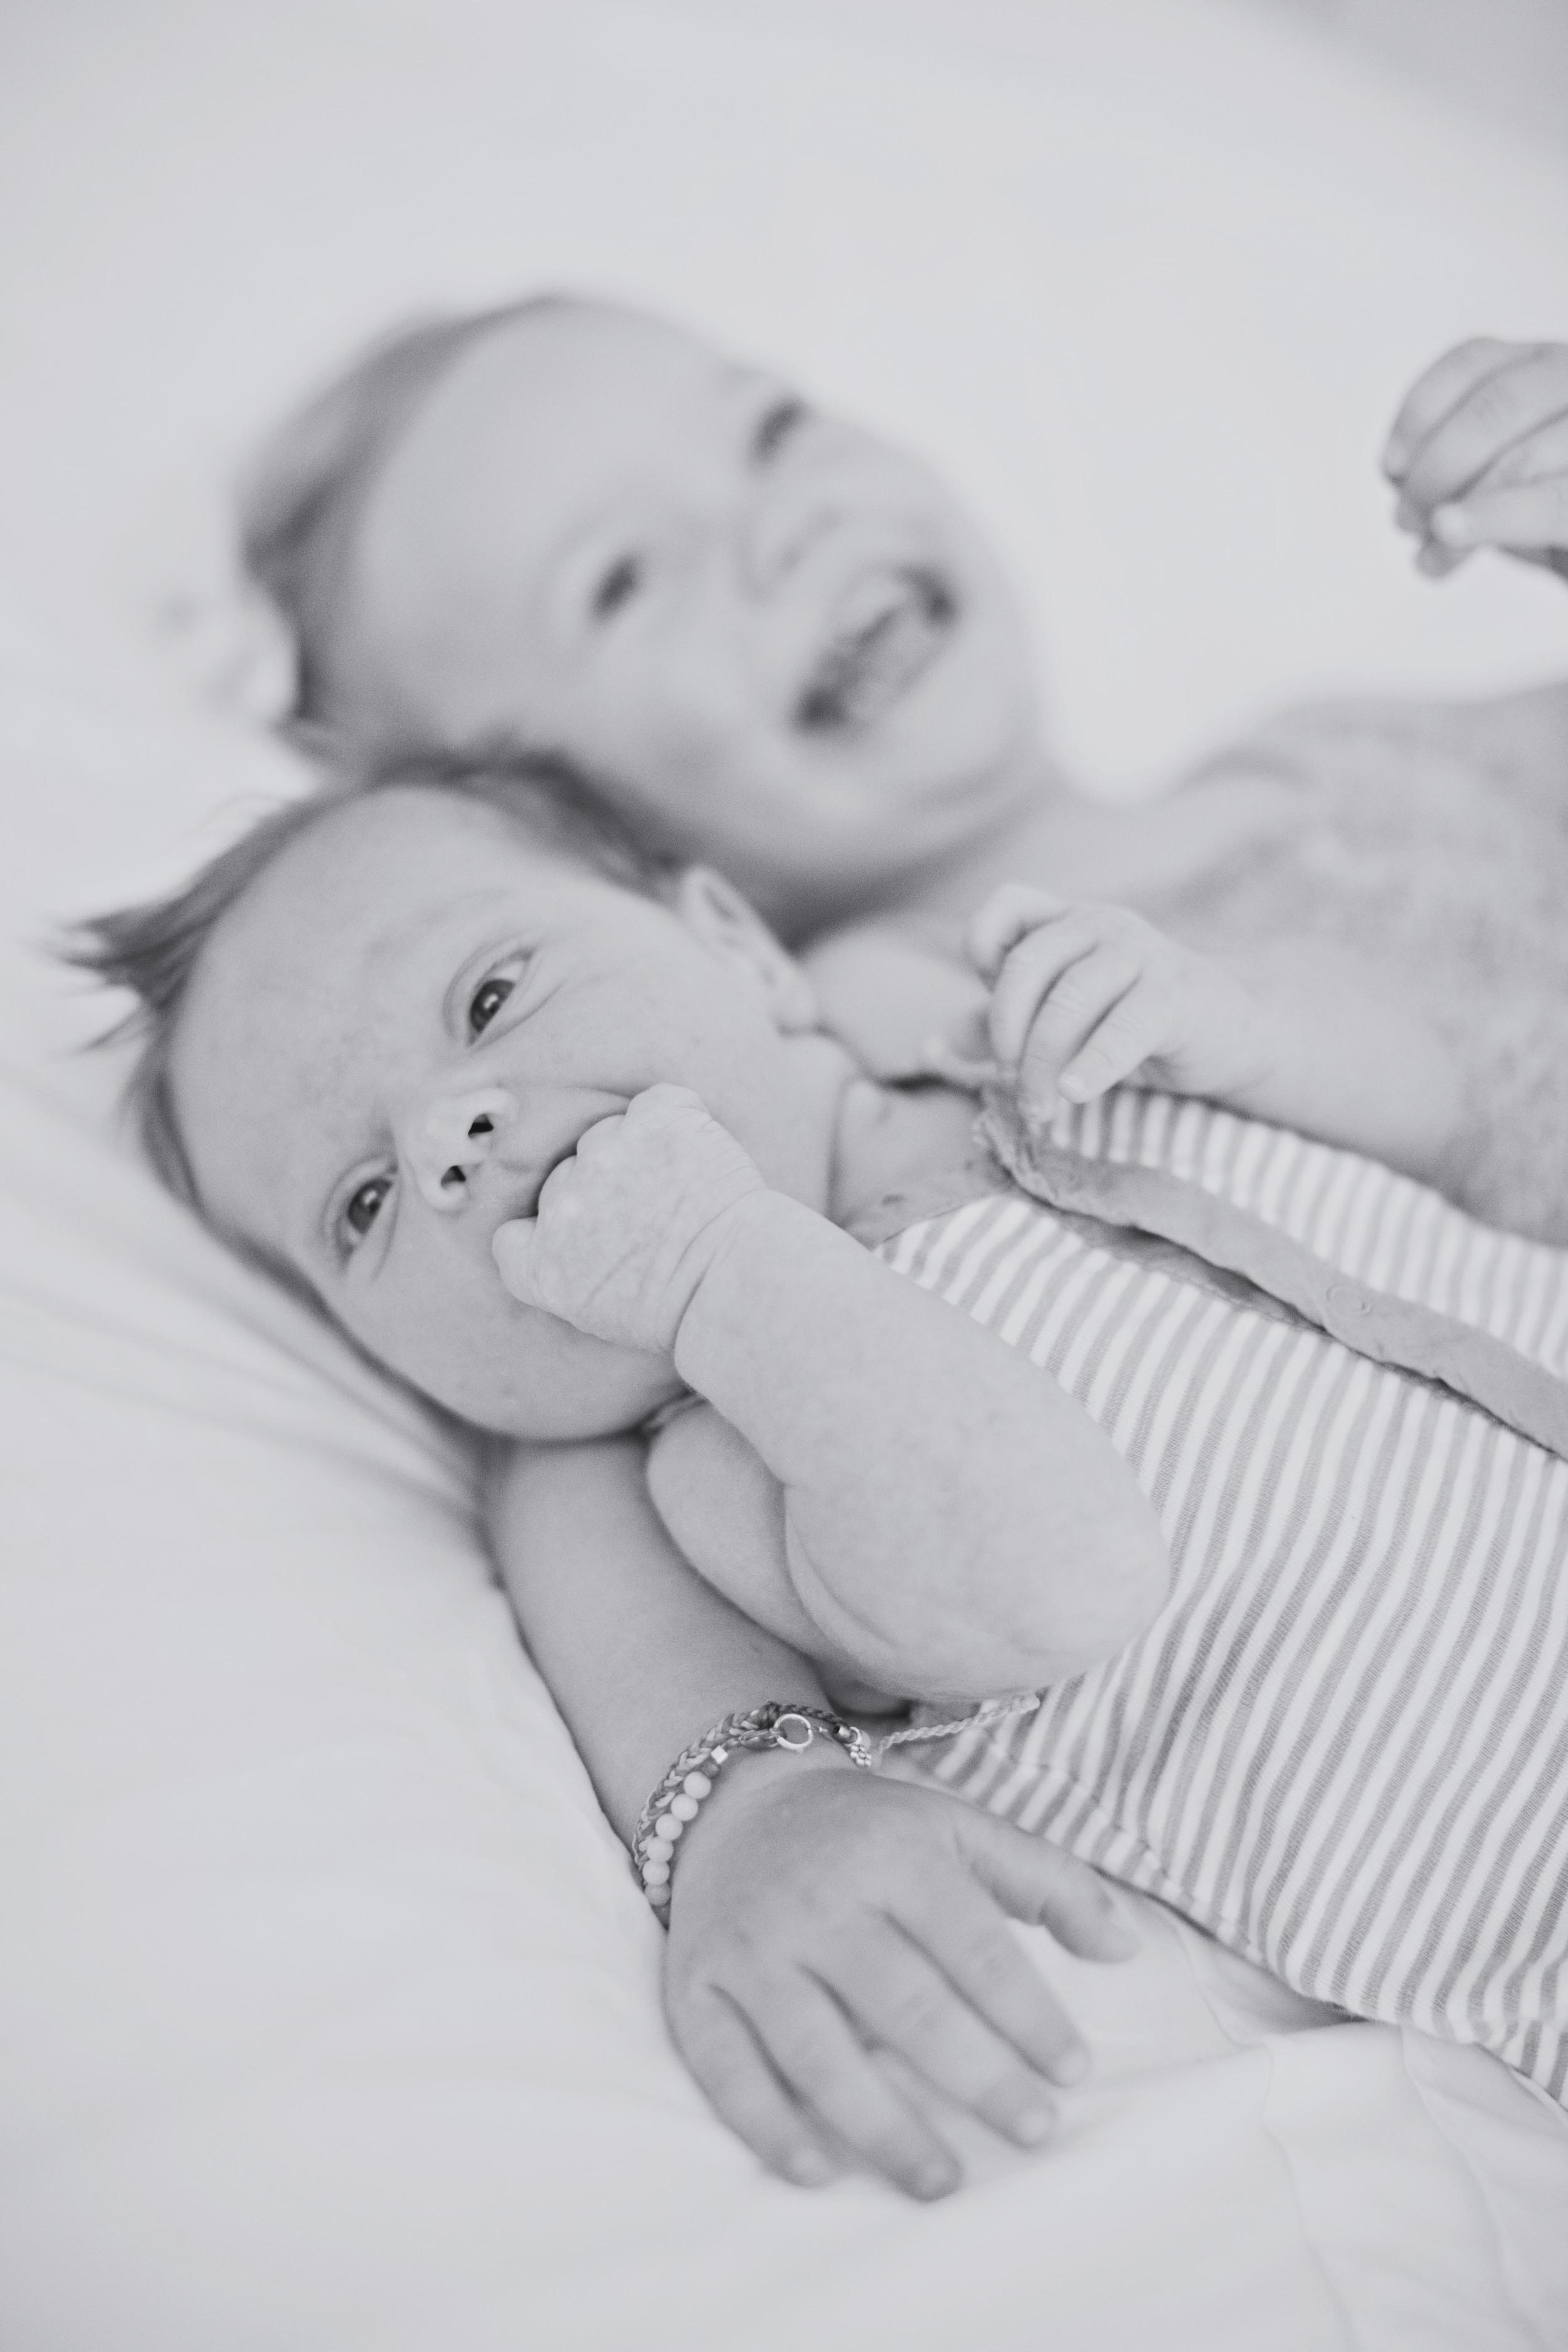 baby rush + bea_150626_0145blog.jpg